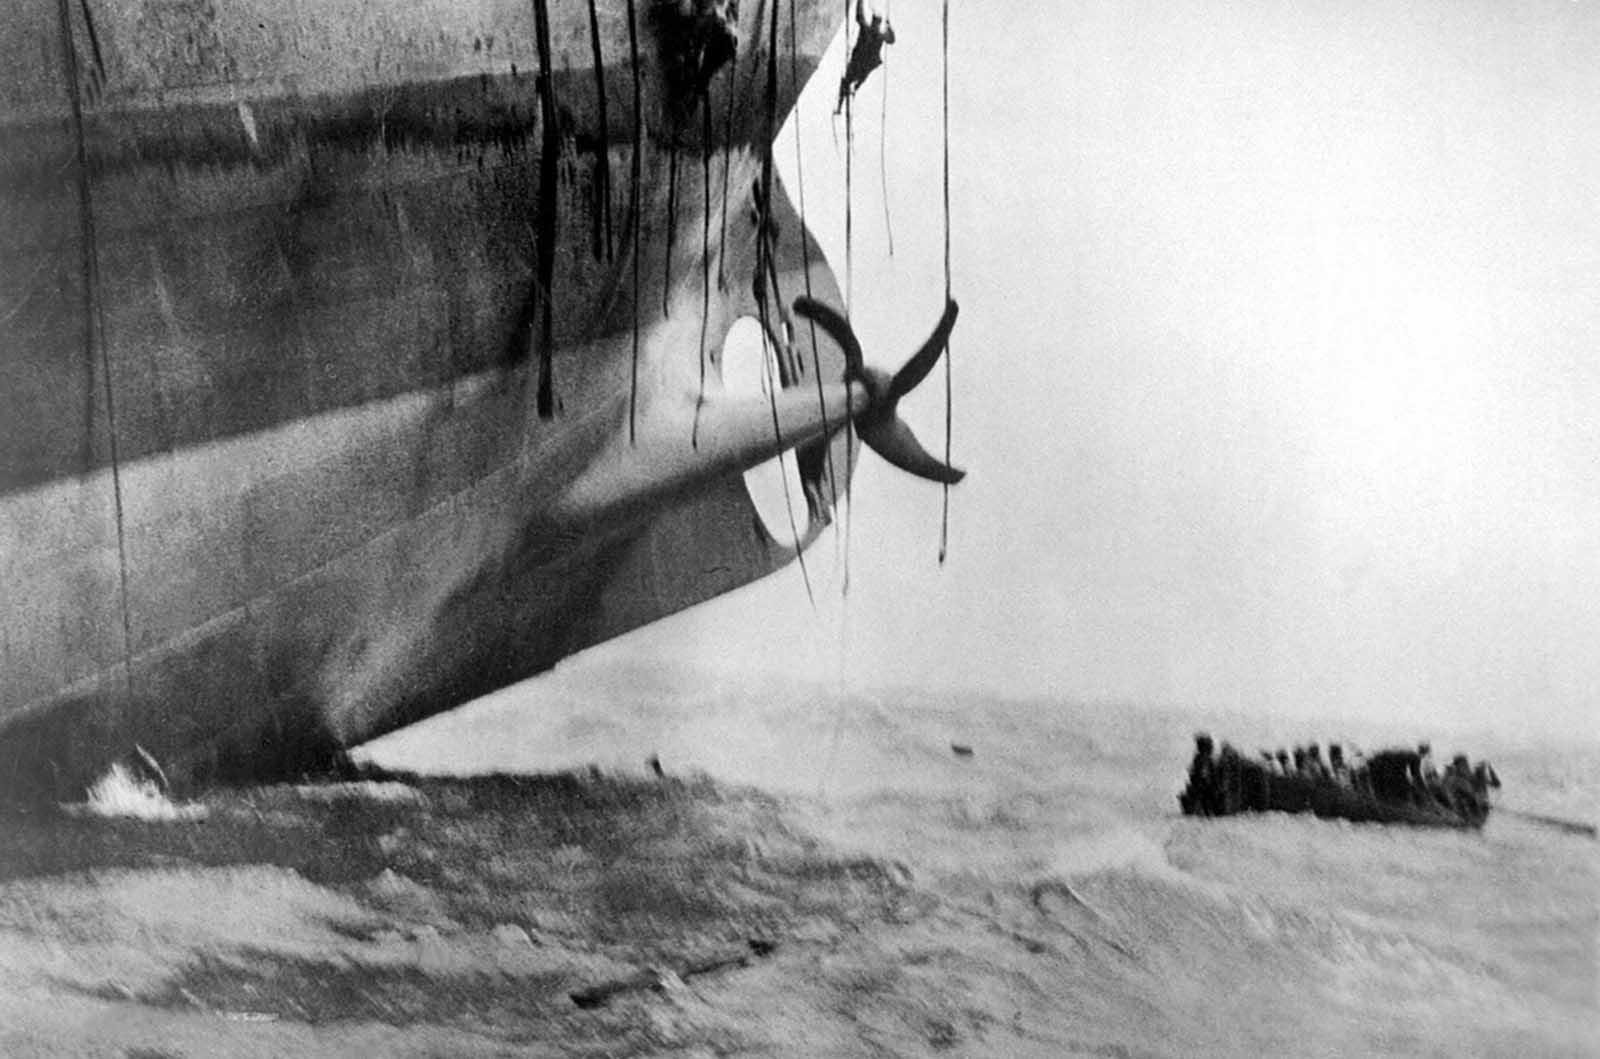 Escape de última hora de un buque torpedeado por un submarino alemán. El barco ya ha hundido su arco en las olas, y su popa está saliendo lentamente del agua. Se pueden ver hombres deslizándose por las cuerdas mientras el último bote se está alejando. California. 1917.